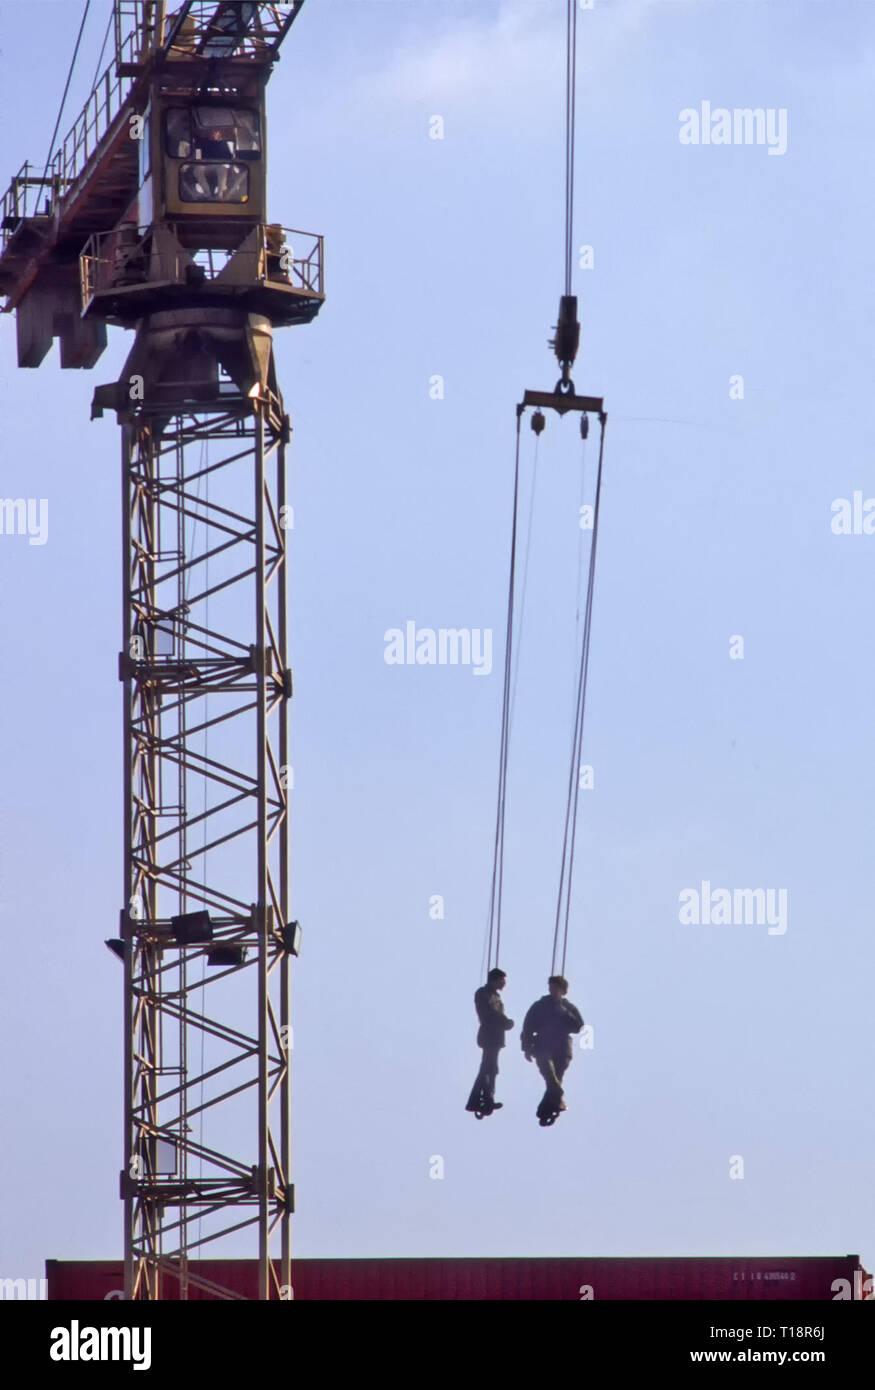 Archivo de dos hombres trabajadores suspendidos en el mazo de cables & bajado por la grúa en los contenedores en depósito y conecte el cable para el levantamiento de East London, Inglaterra Imagen De Stock